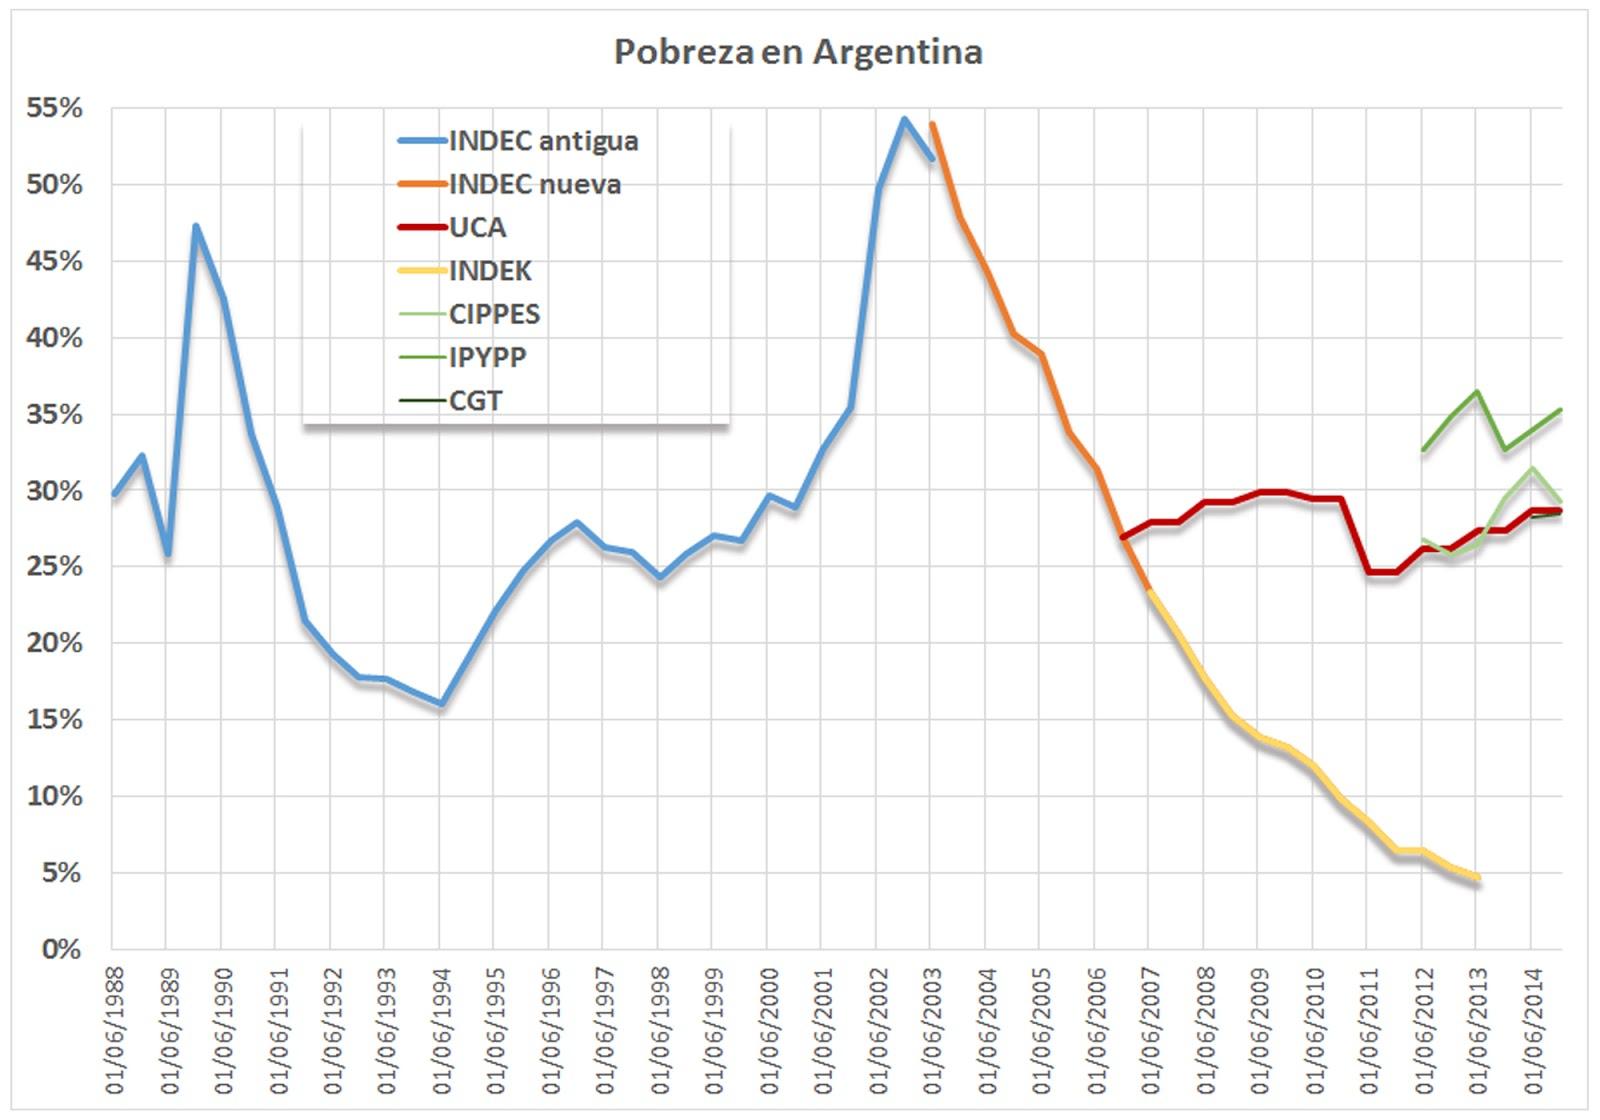 Econo Mia Y Tuya Pobreza En Argentina Actualizacion Al